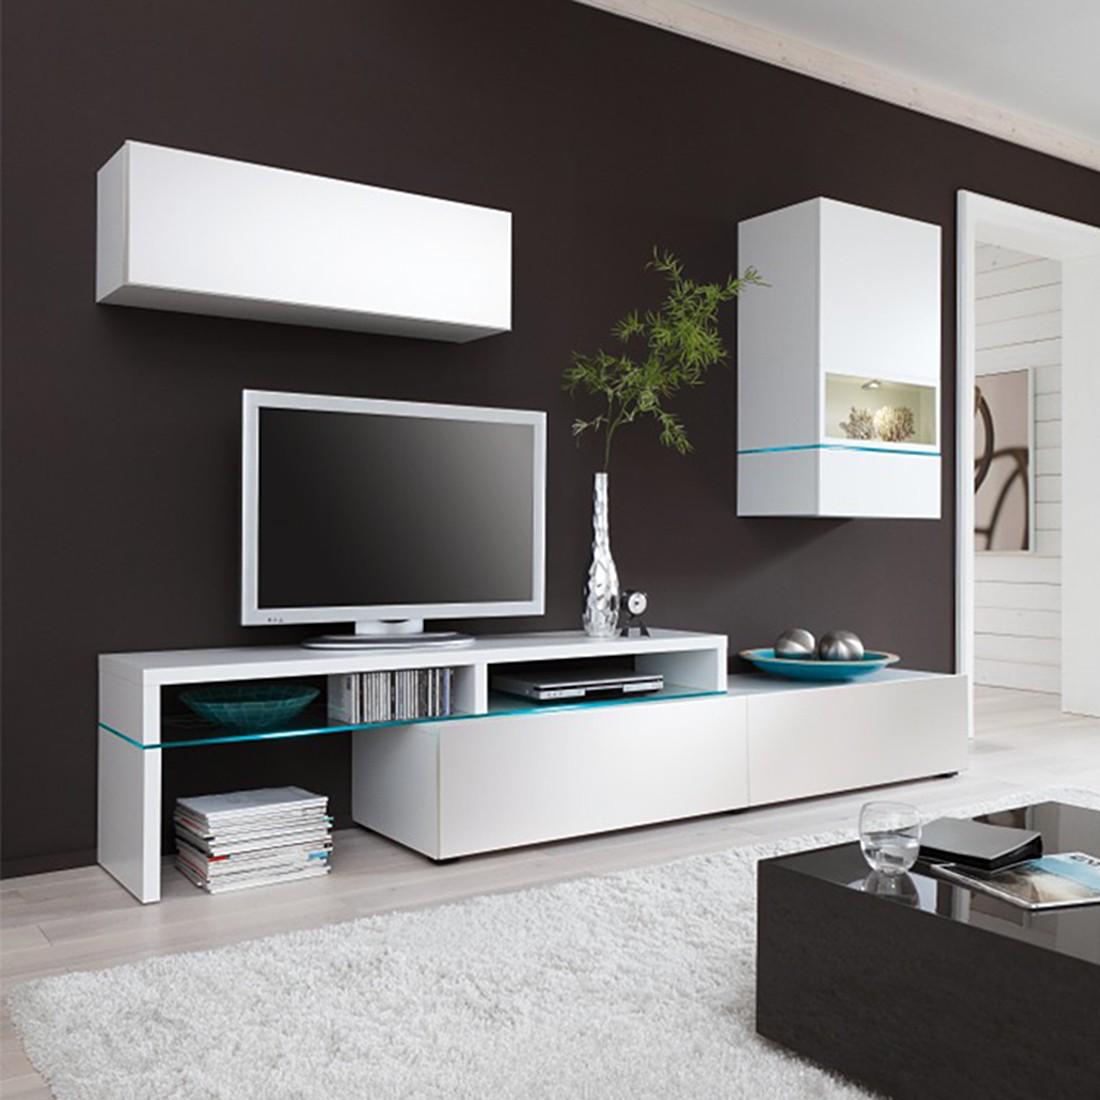 AuBergewohnlich Wohnwand ColourArt (3 Teilig) U2013 Weiß (Mit LED Beleuchtung U0026 Fernbedienung